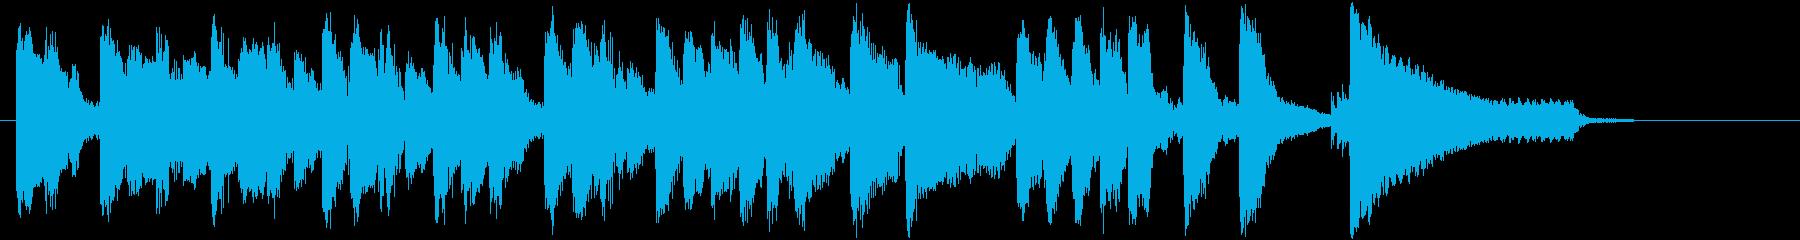 奇妙&コミカルなサウンド♪の再生済みの波形